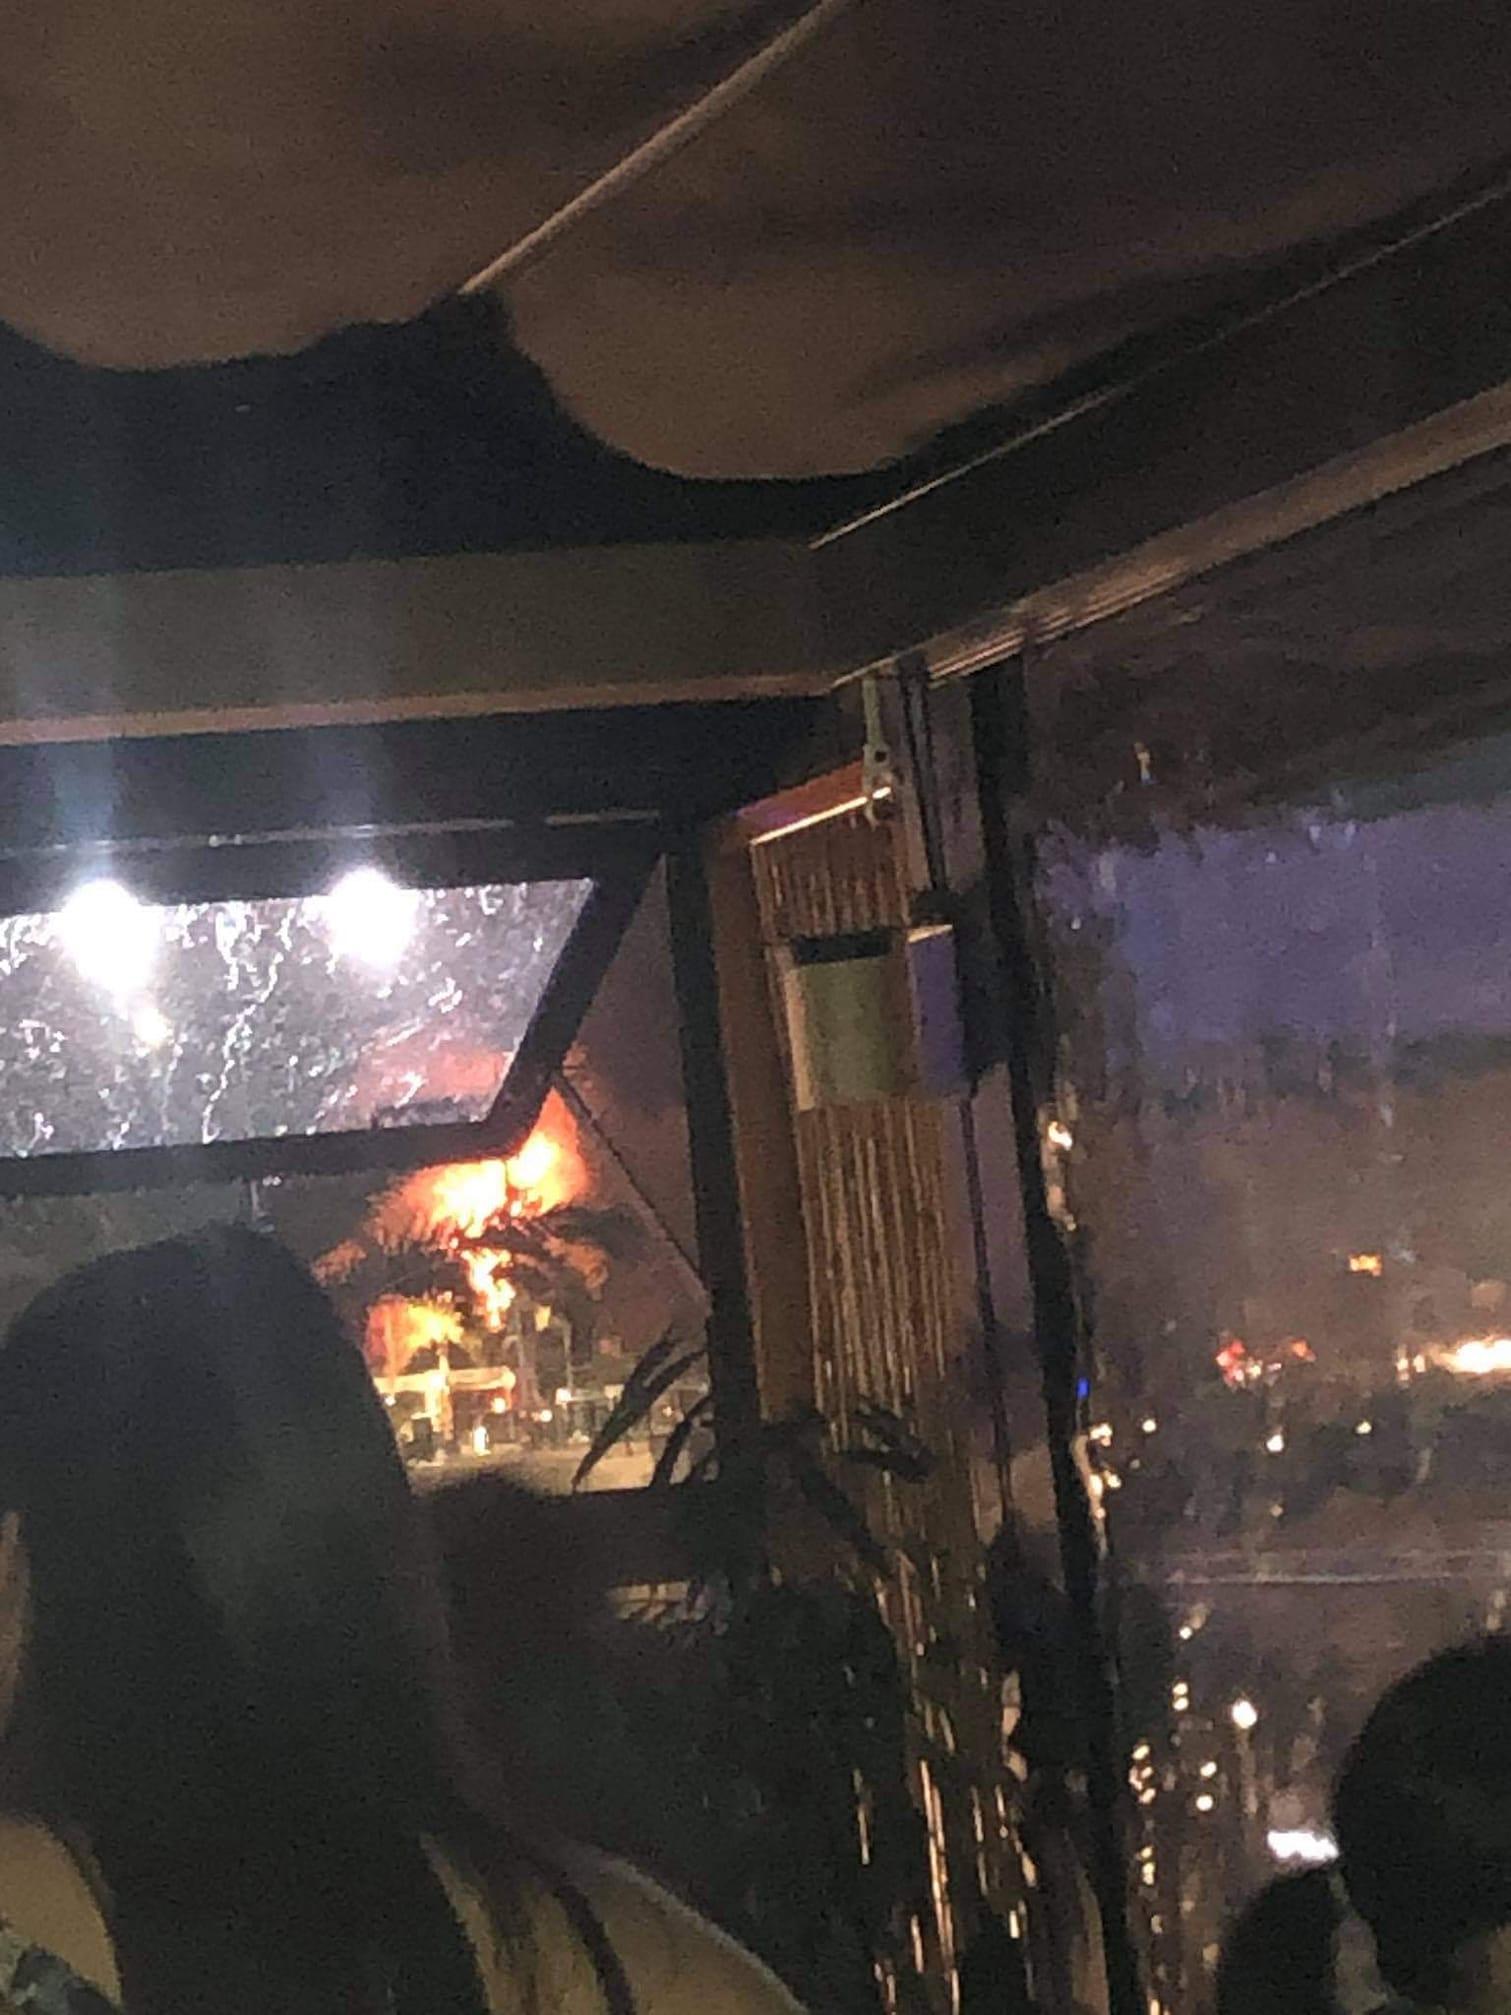 Η φωτογραφία που δημοσιεύτηκε στο facebook από τον Μιχάλη Κούρνη, είναι συγκλονιστική και είναι λίγα δευτερόλεπτα αφότου έπεσε κεραυνός στην παλιά γέφυρα της Χαλκίδας. Στο βάθος διακρίνεται η φωτιά που ξέσπασε στο σημείο.